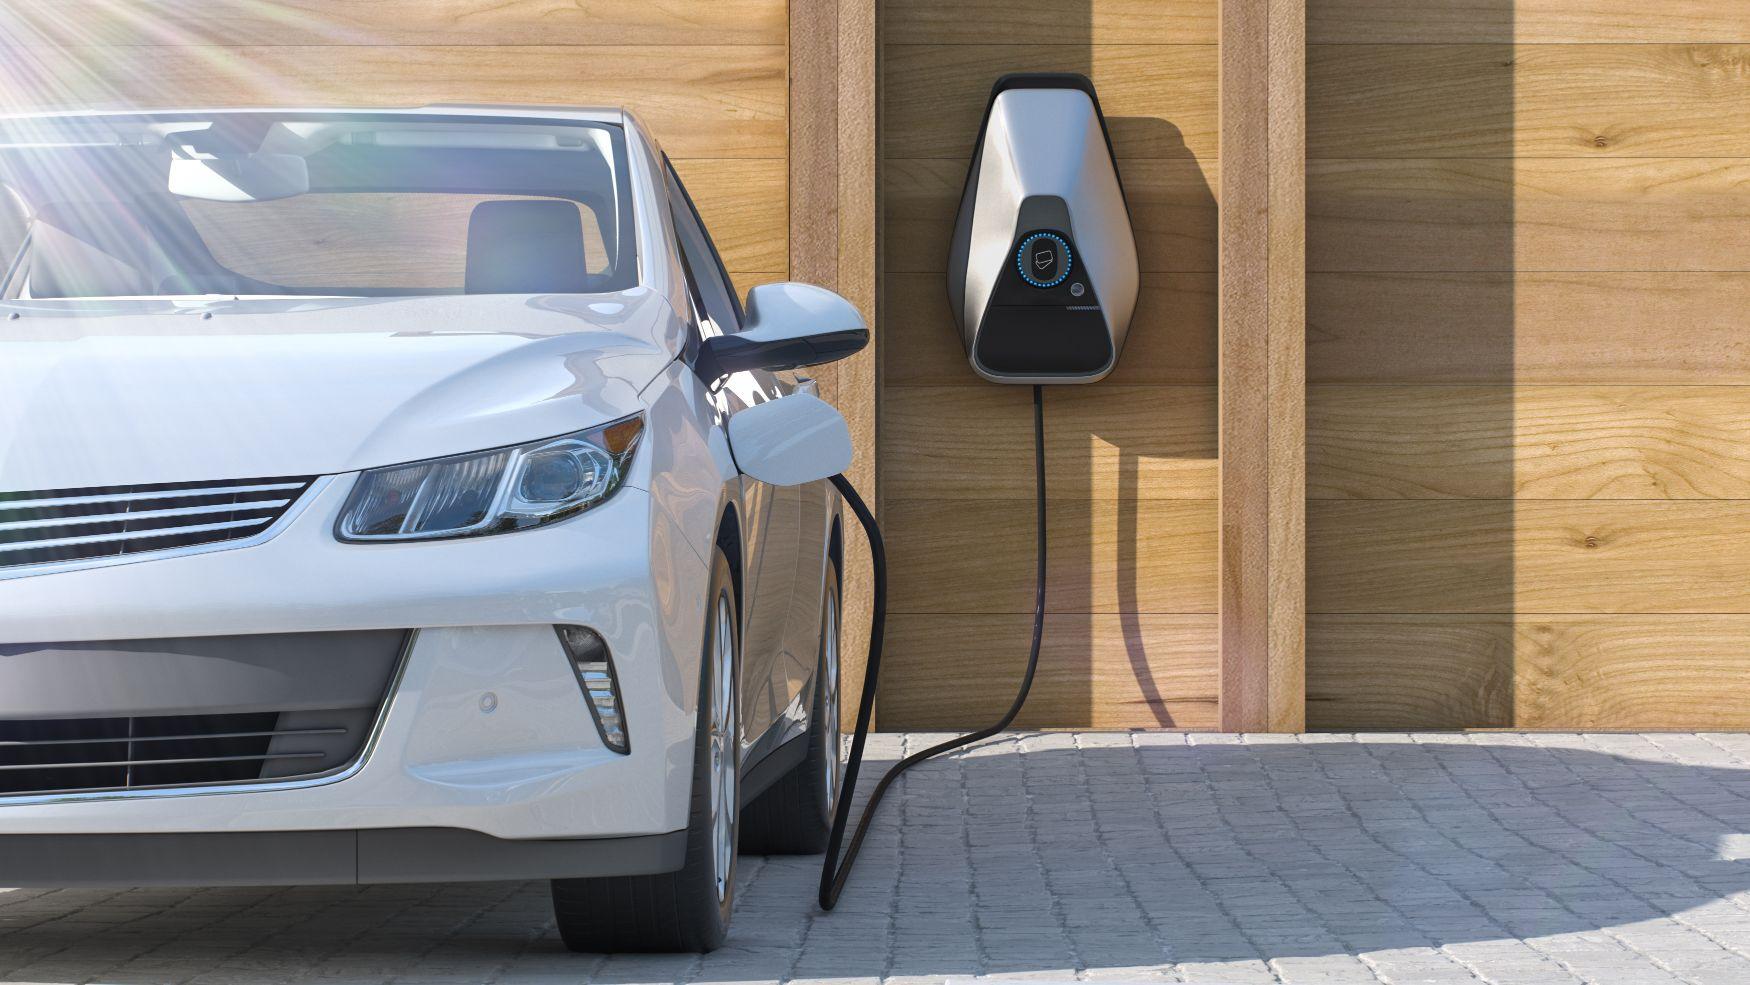 trucs conseils charger voiture electrique